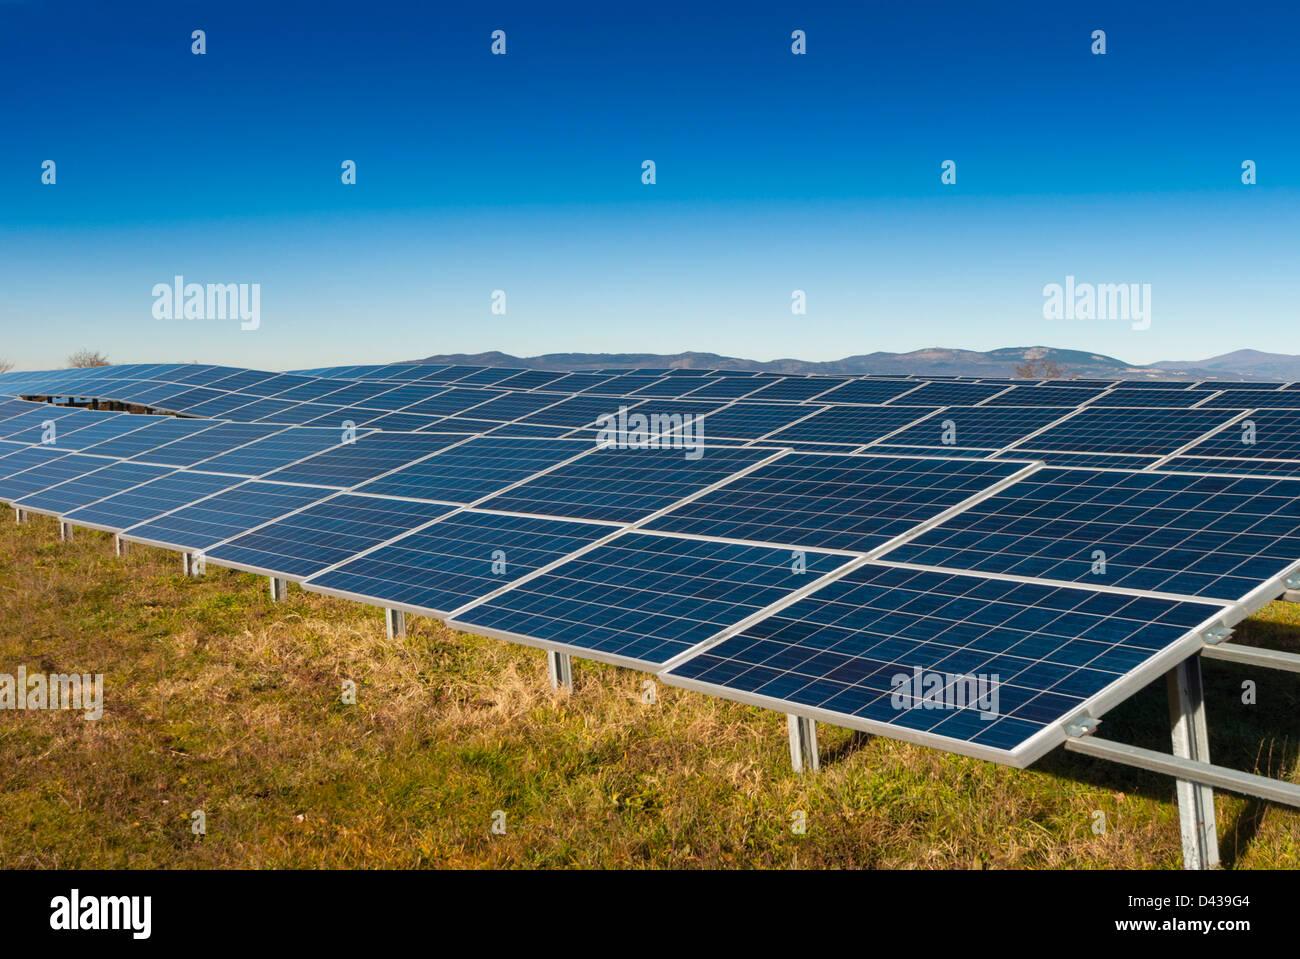 Strom erzeugen Solar-panel Stockbild